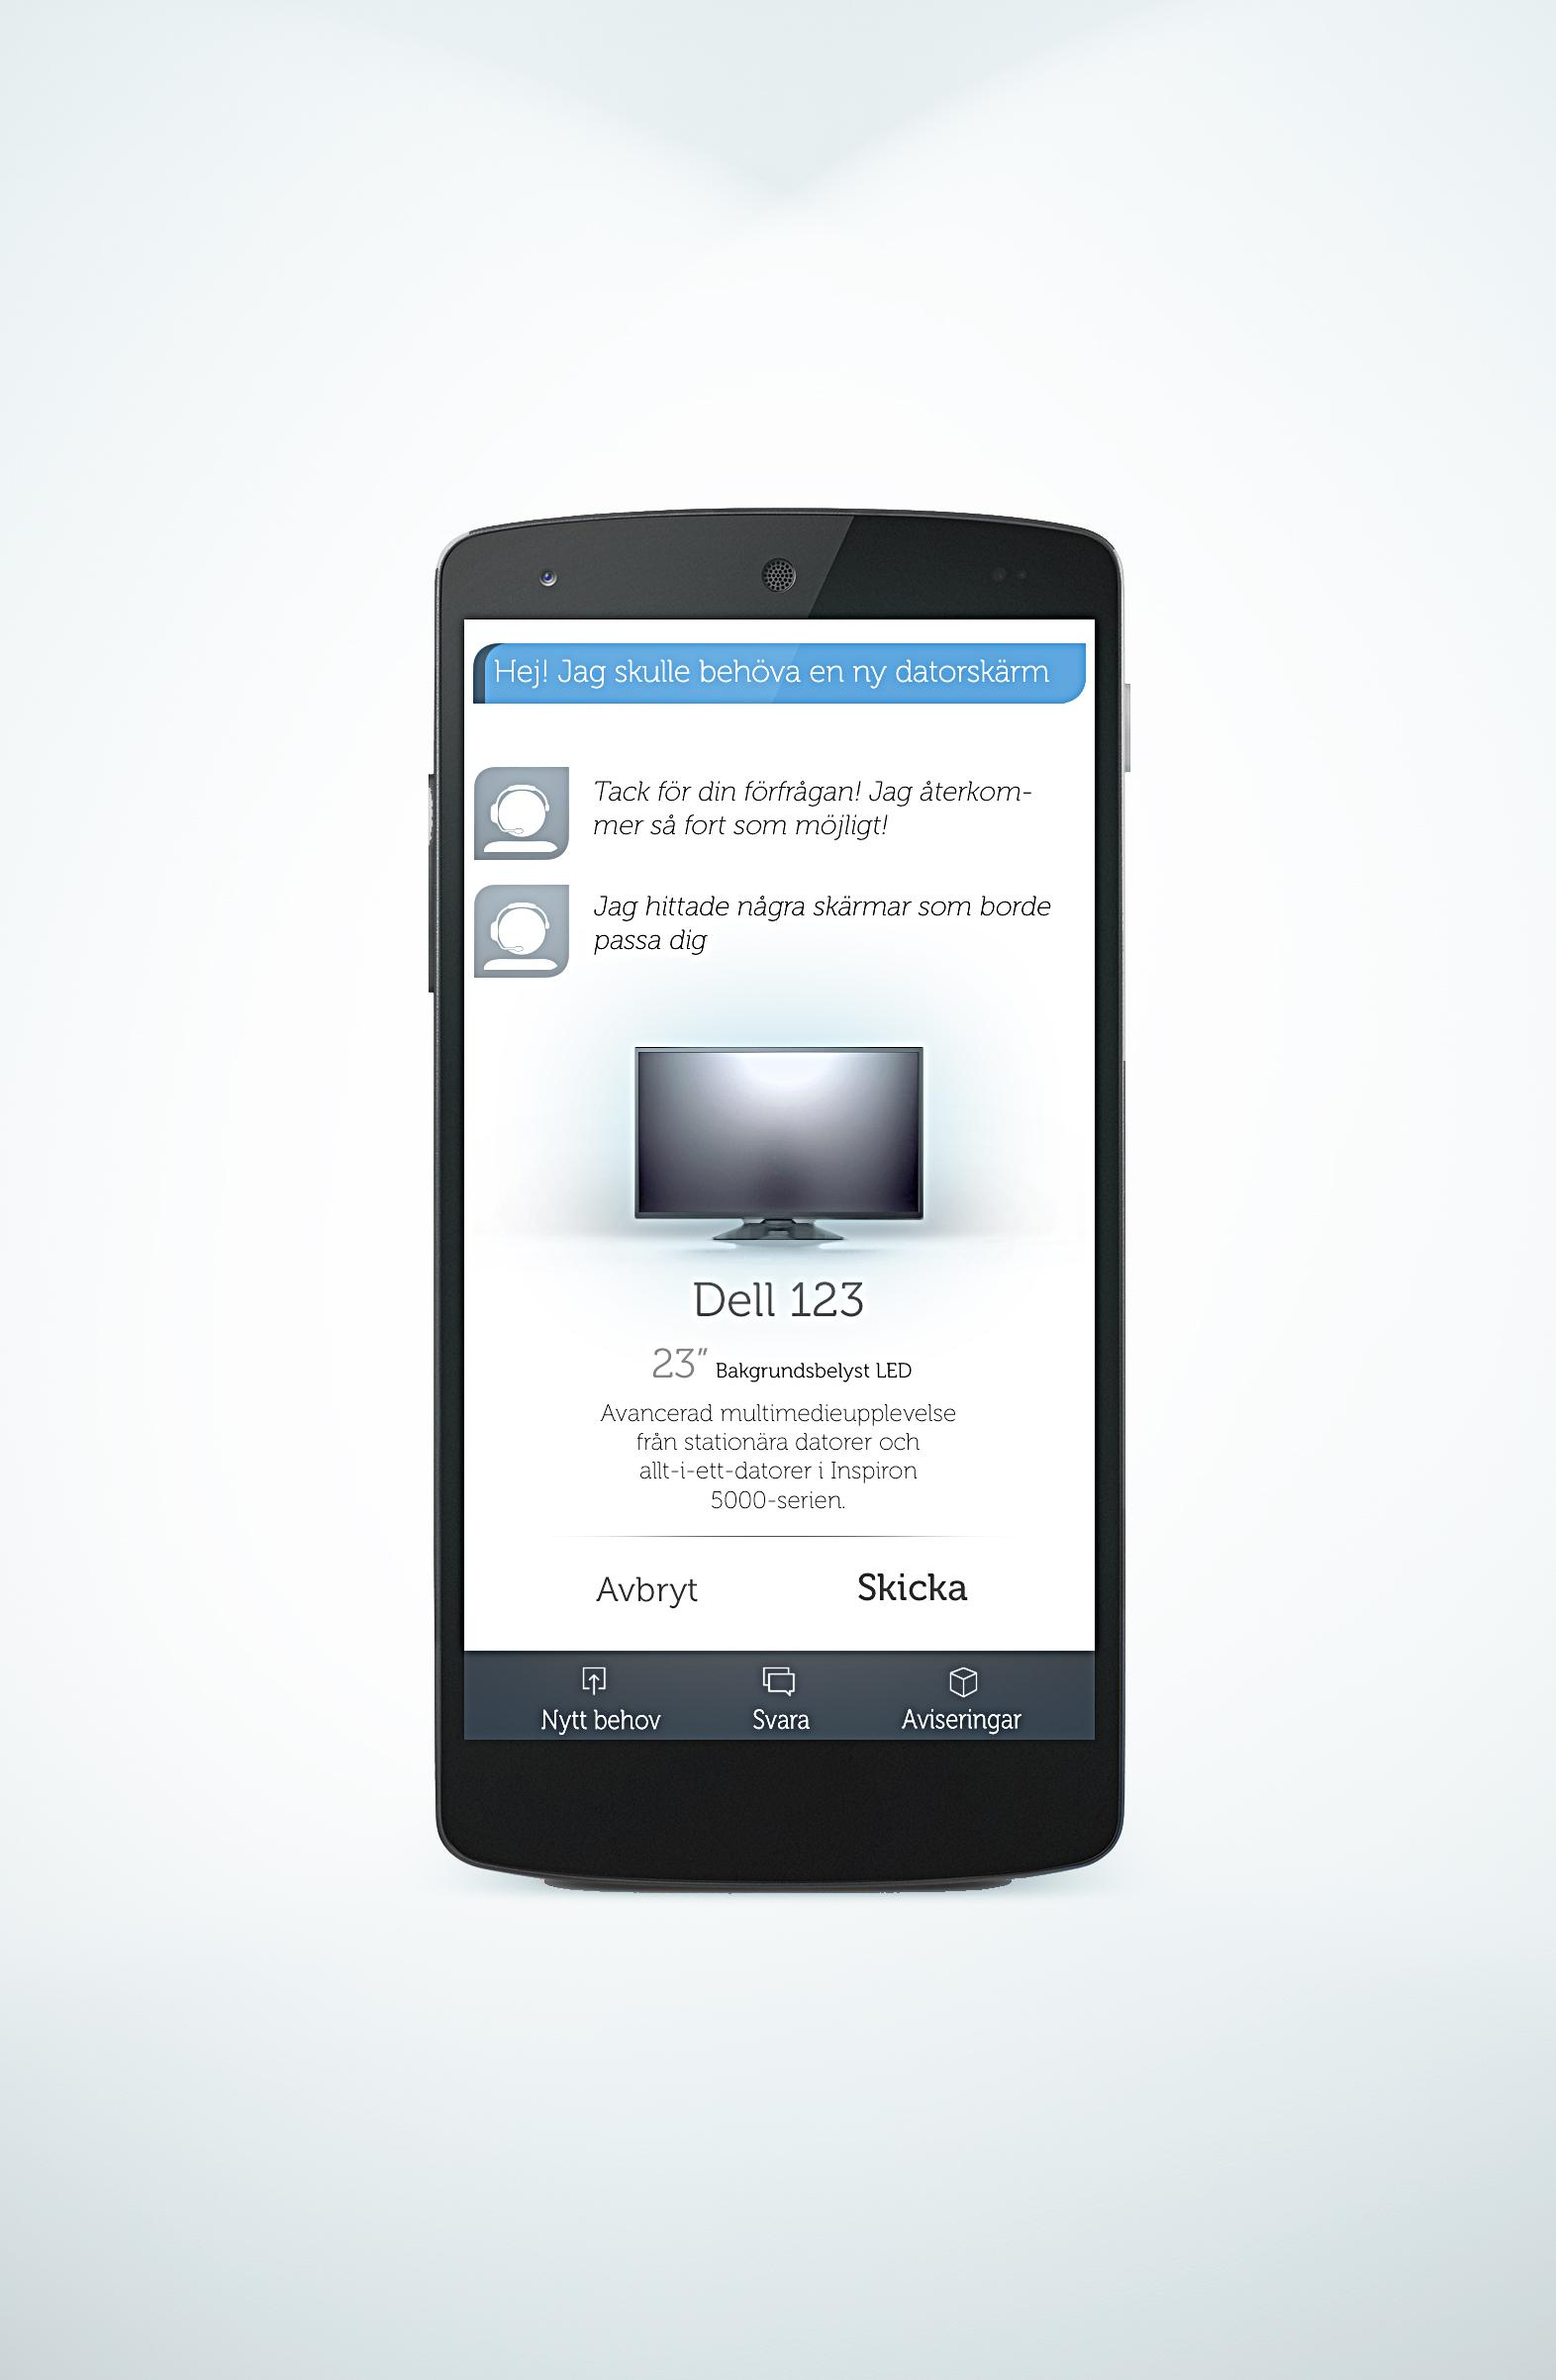 smartphone gui megastor grå bakgrund.png